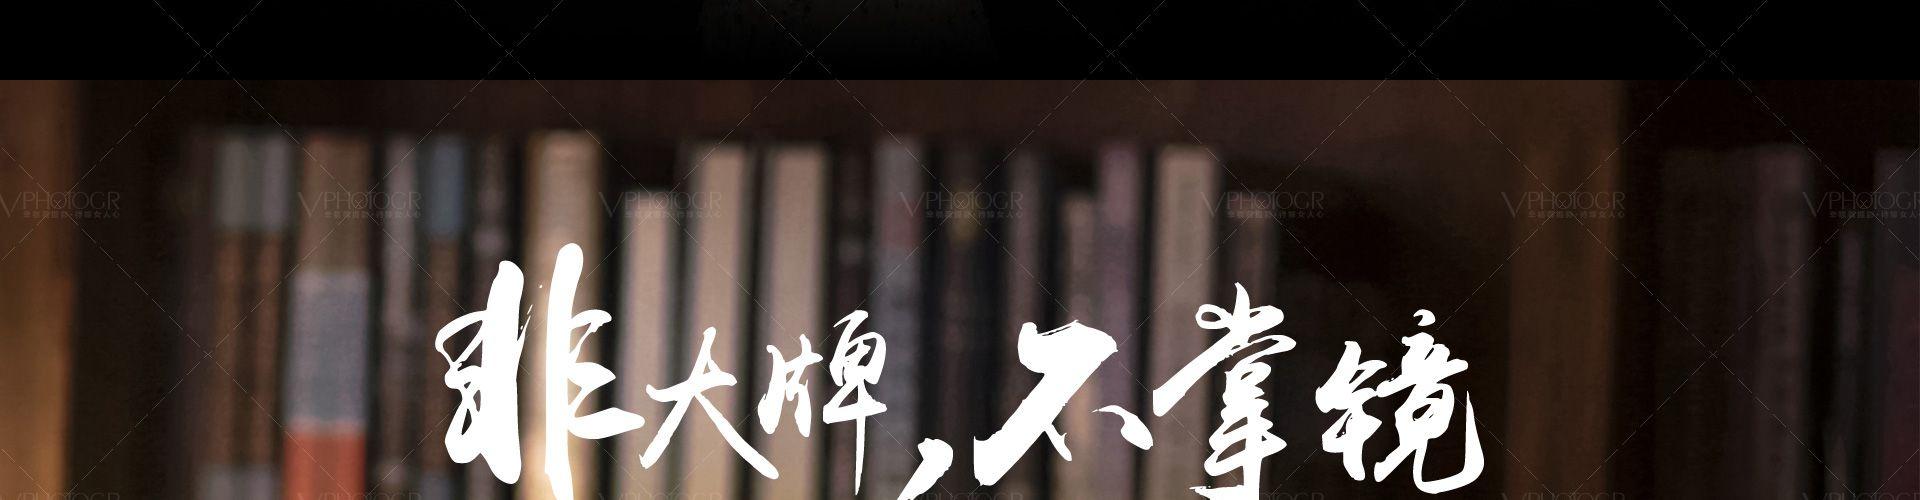 佳片集锦第6季